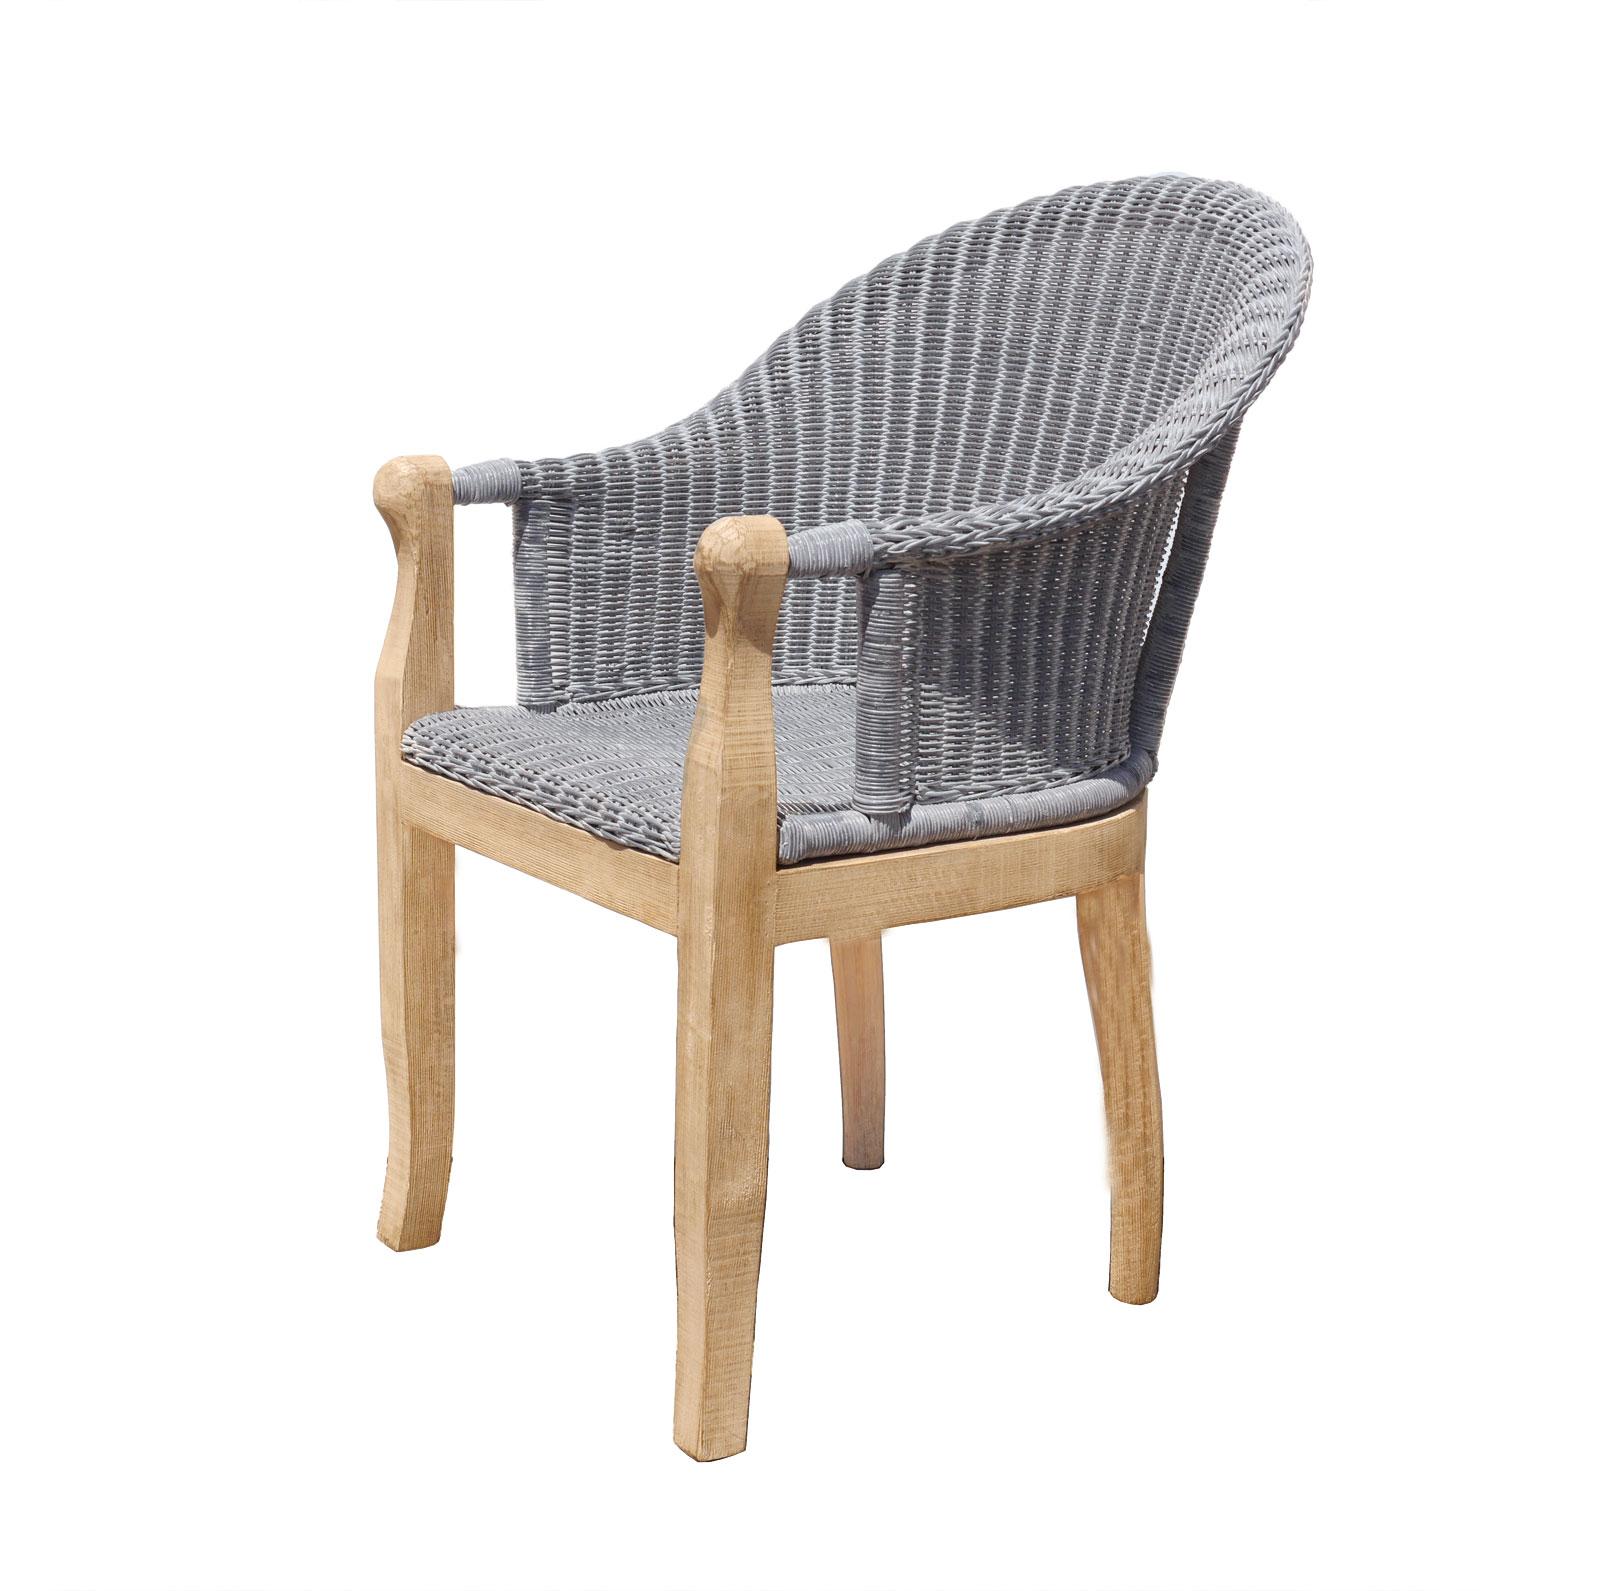 sam esszimmer stuhl rattan grau cobra mit armlehnen auf lager. Black Bedroom Furniture Sets. Home Design Ideas